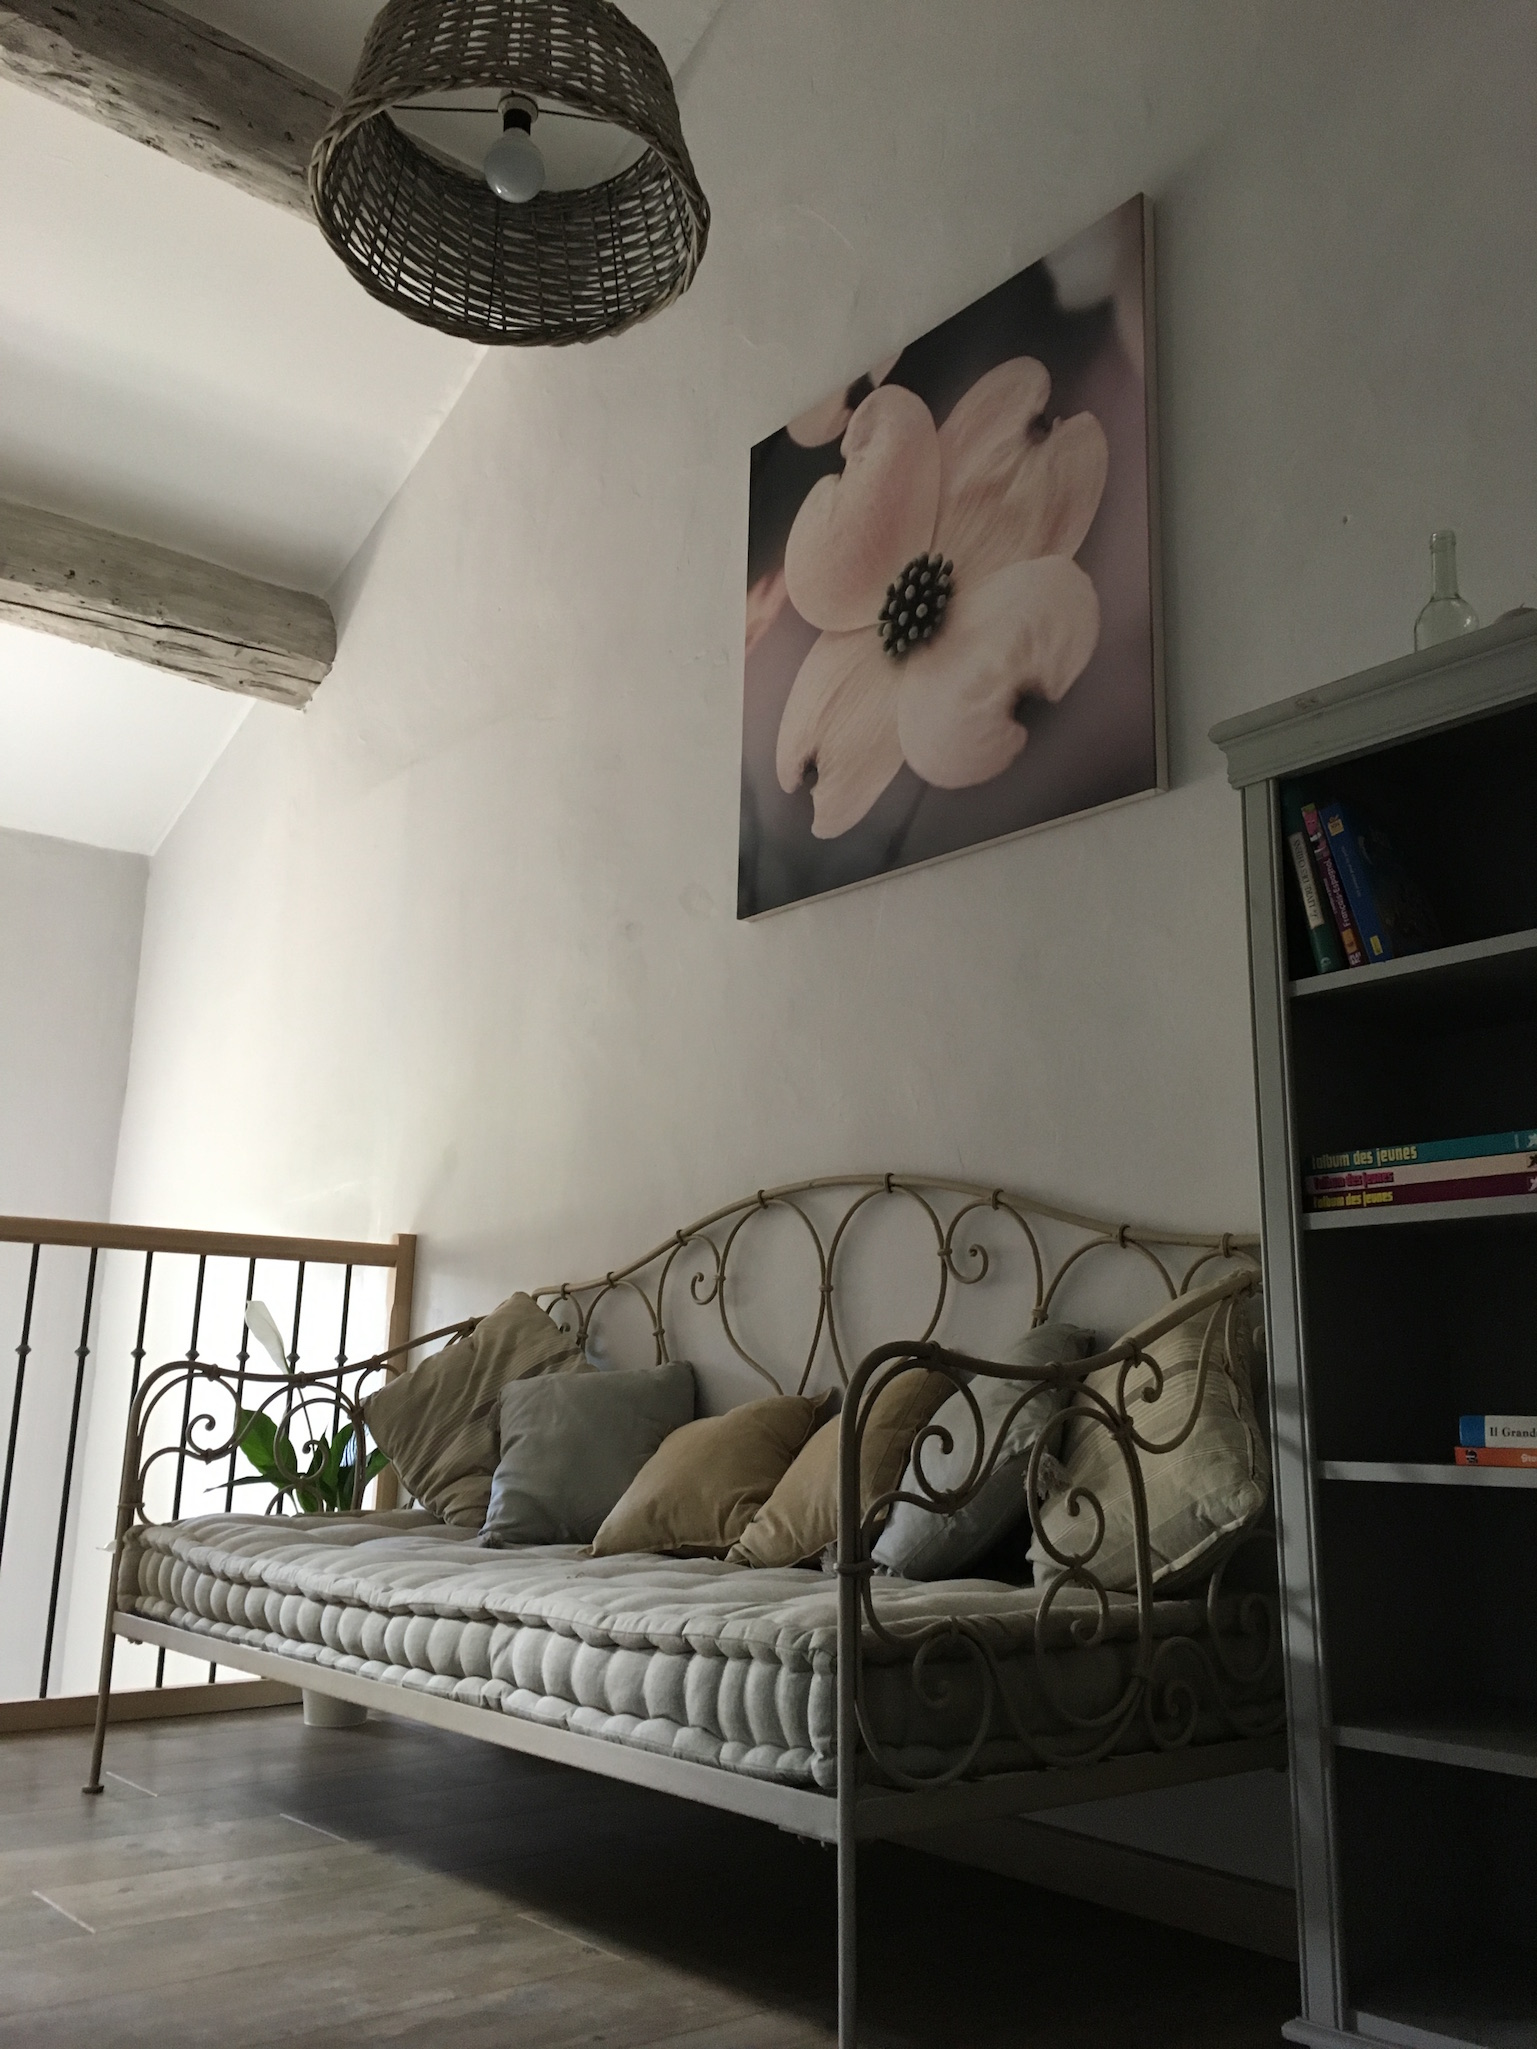 Suite fil de soie - salon 2 - La Bastide des Songes - Chambres d hotes Luberon - Vaucluse - Robion - Gordes - Cavaillon